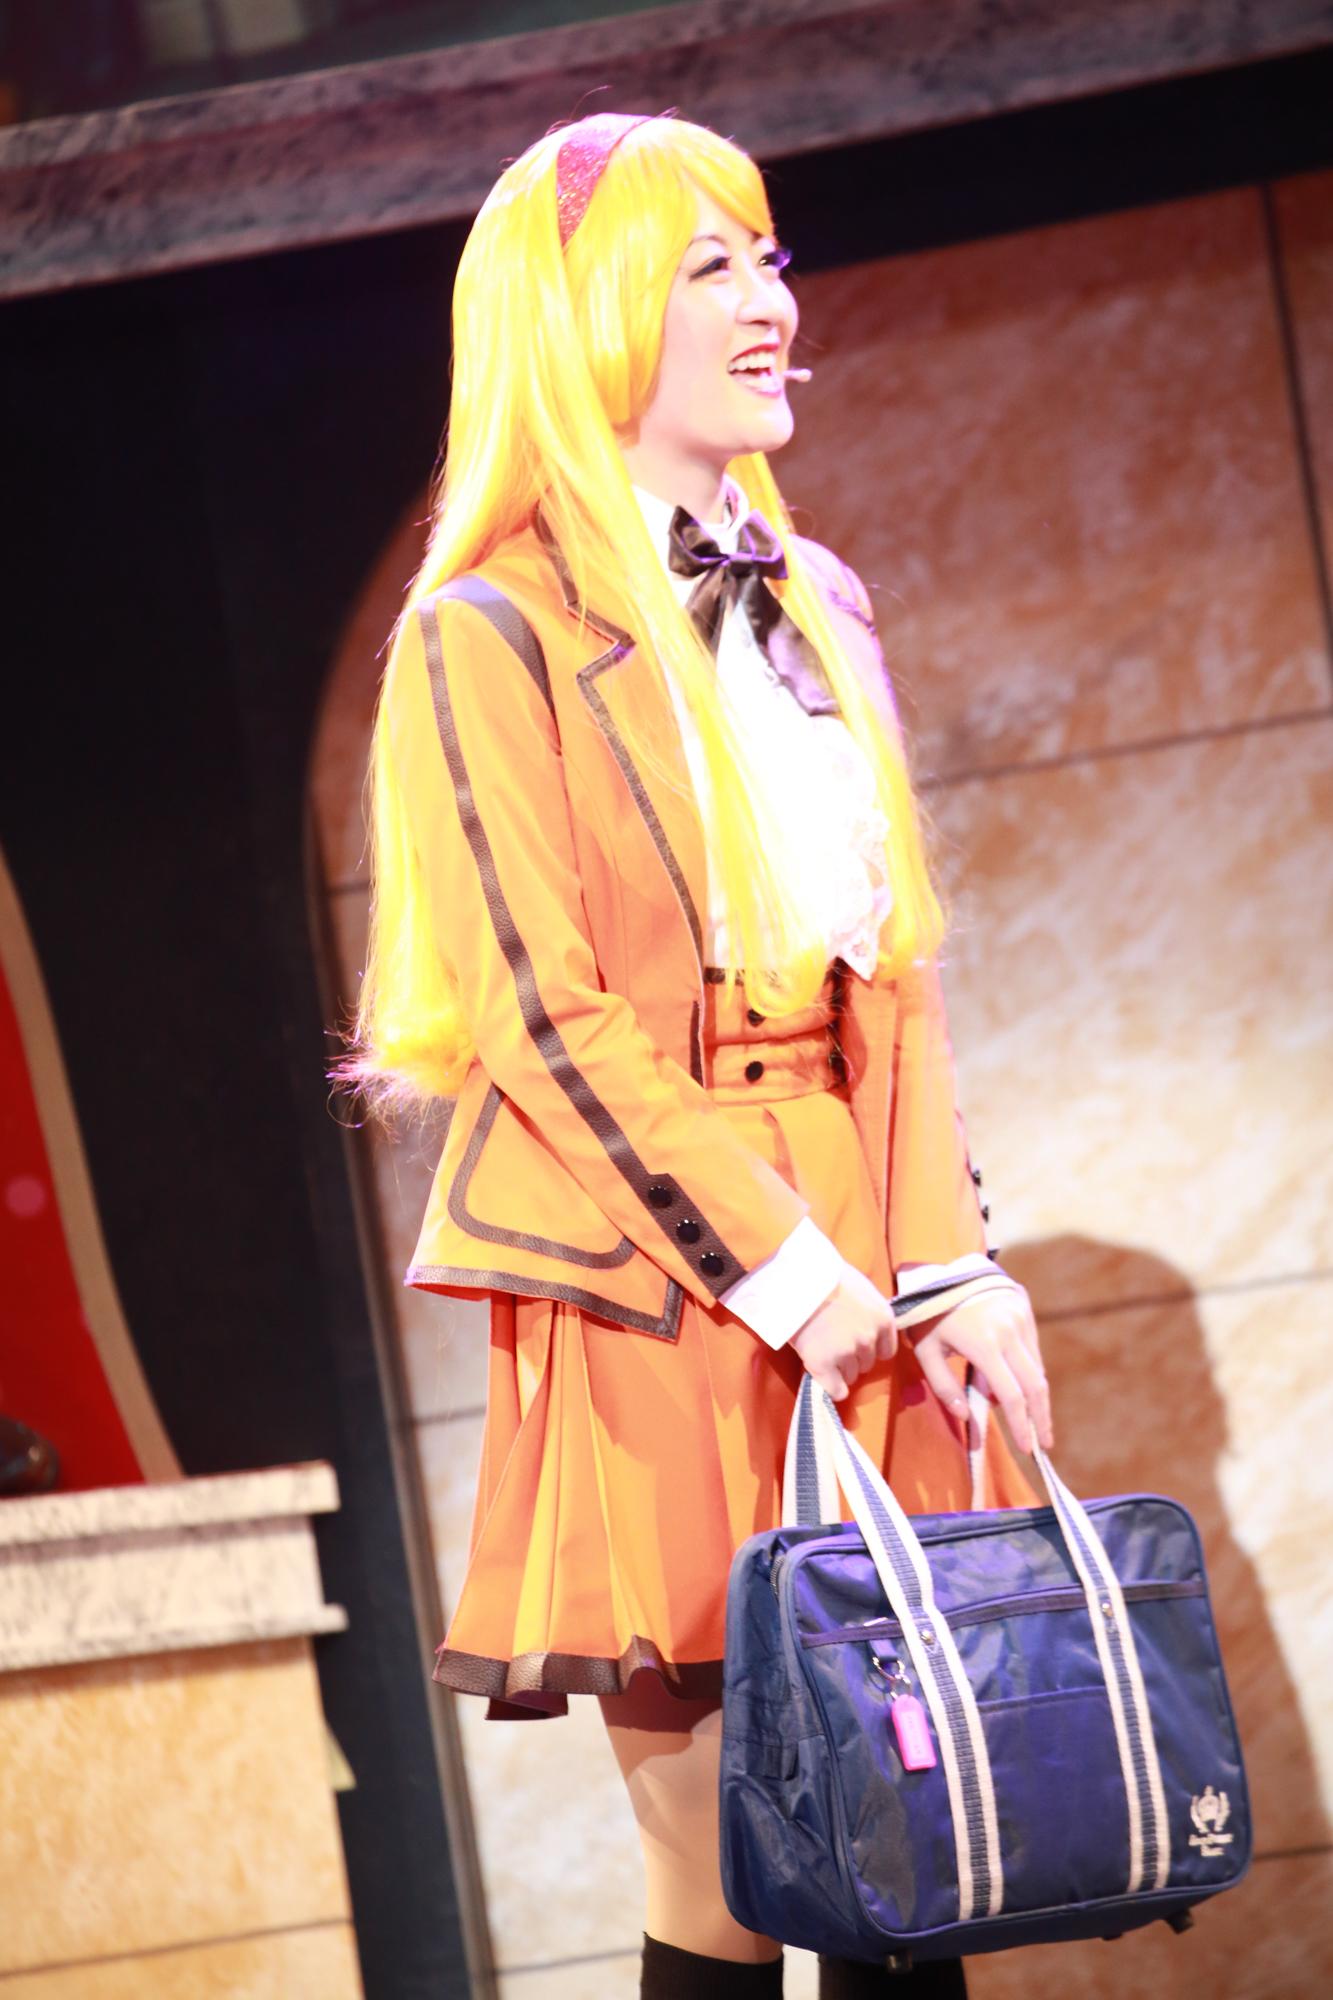 舞台「Cutie Honey Emotional(キューティーハニー・エモーショナル)」2020年2月6日、池袋のサンシャイン劇場にて。【(C)永井豪/ダイナミック企画・舞台「Cutie Honey Emotional」製作委員会